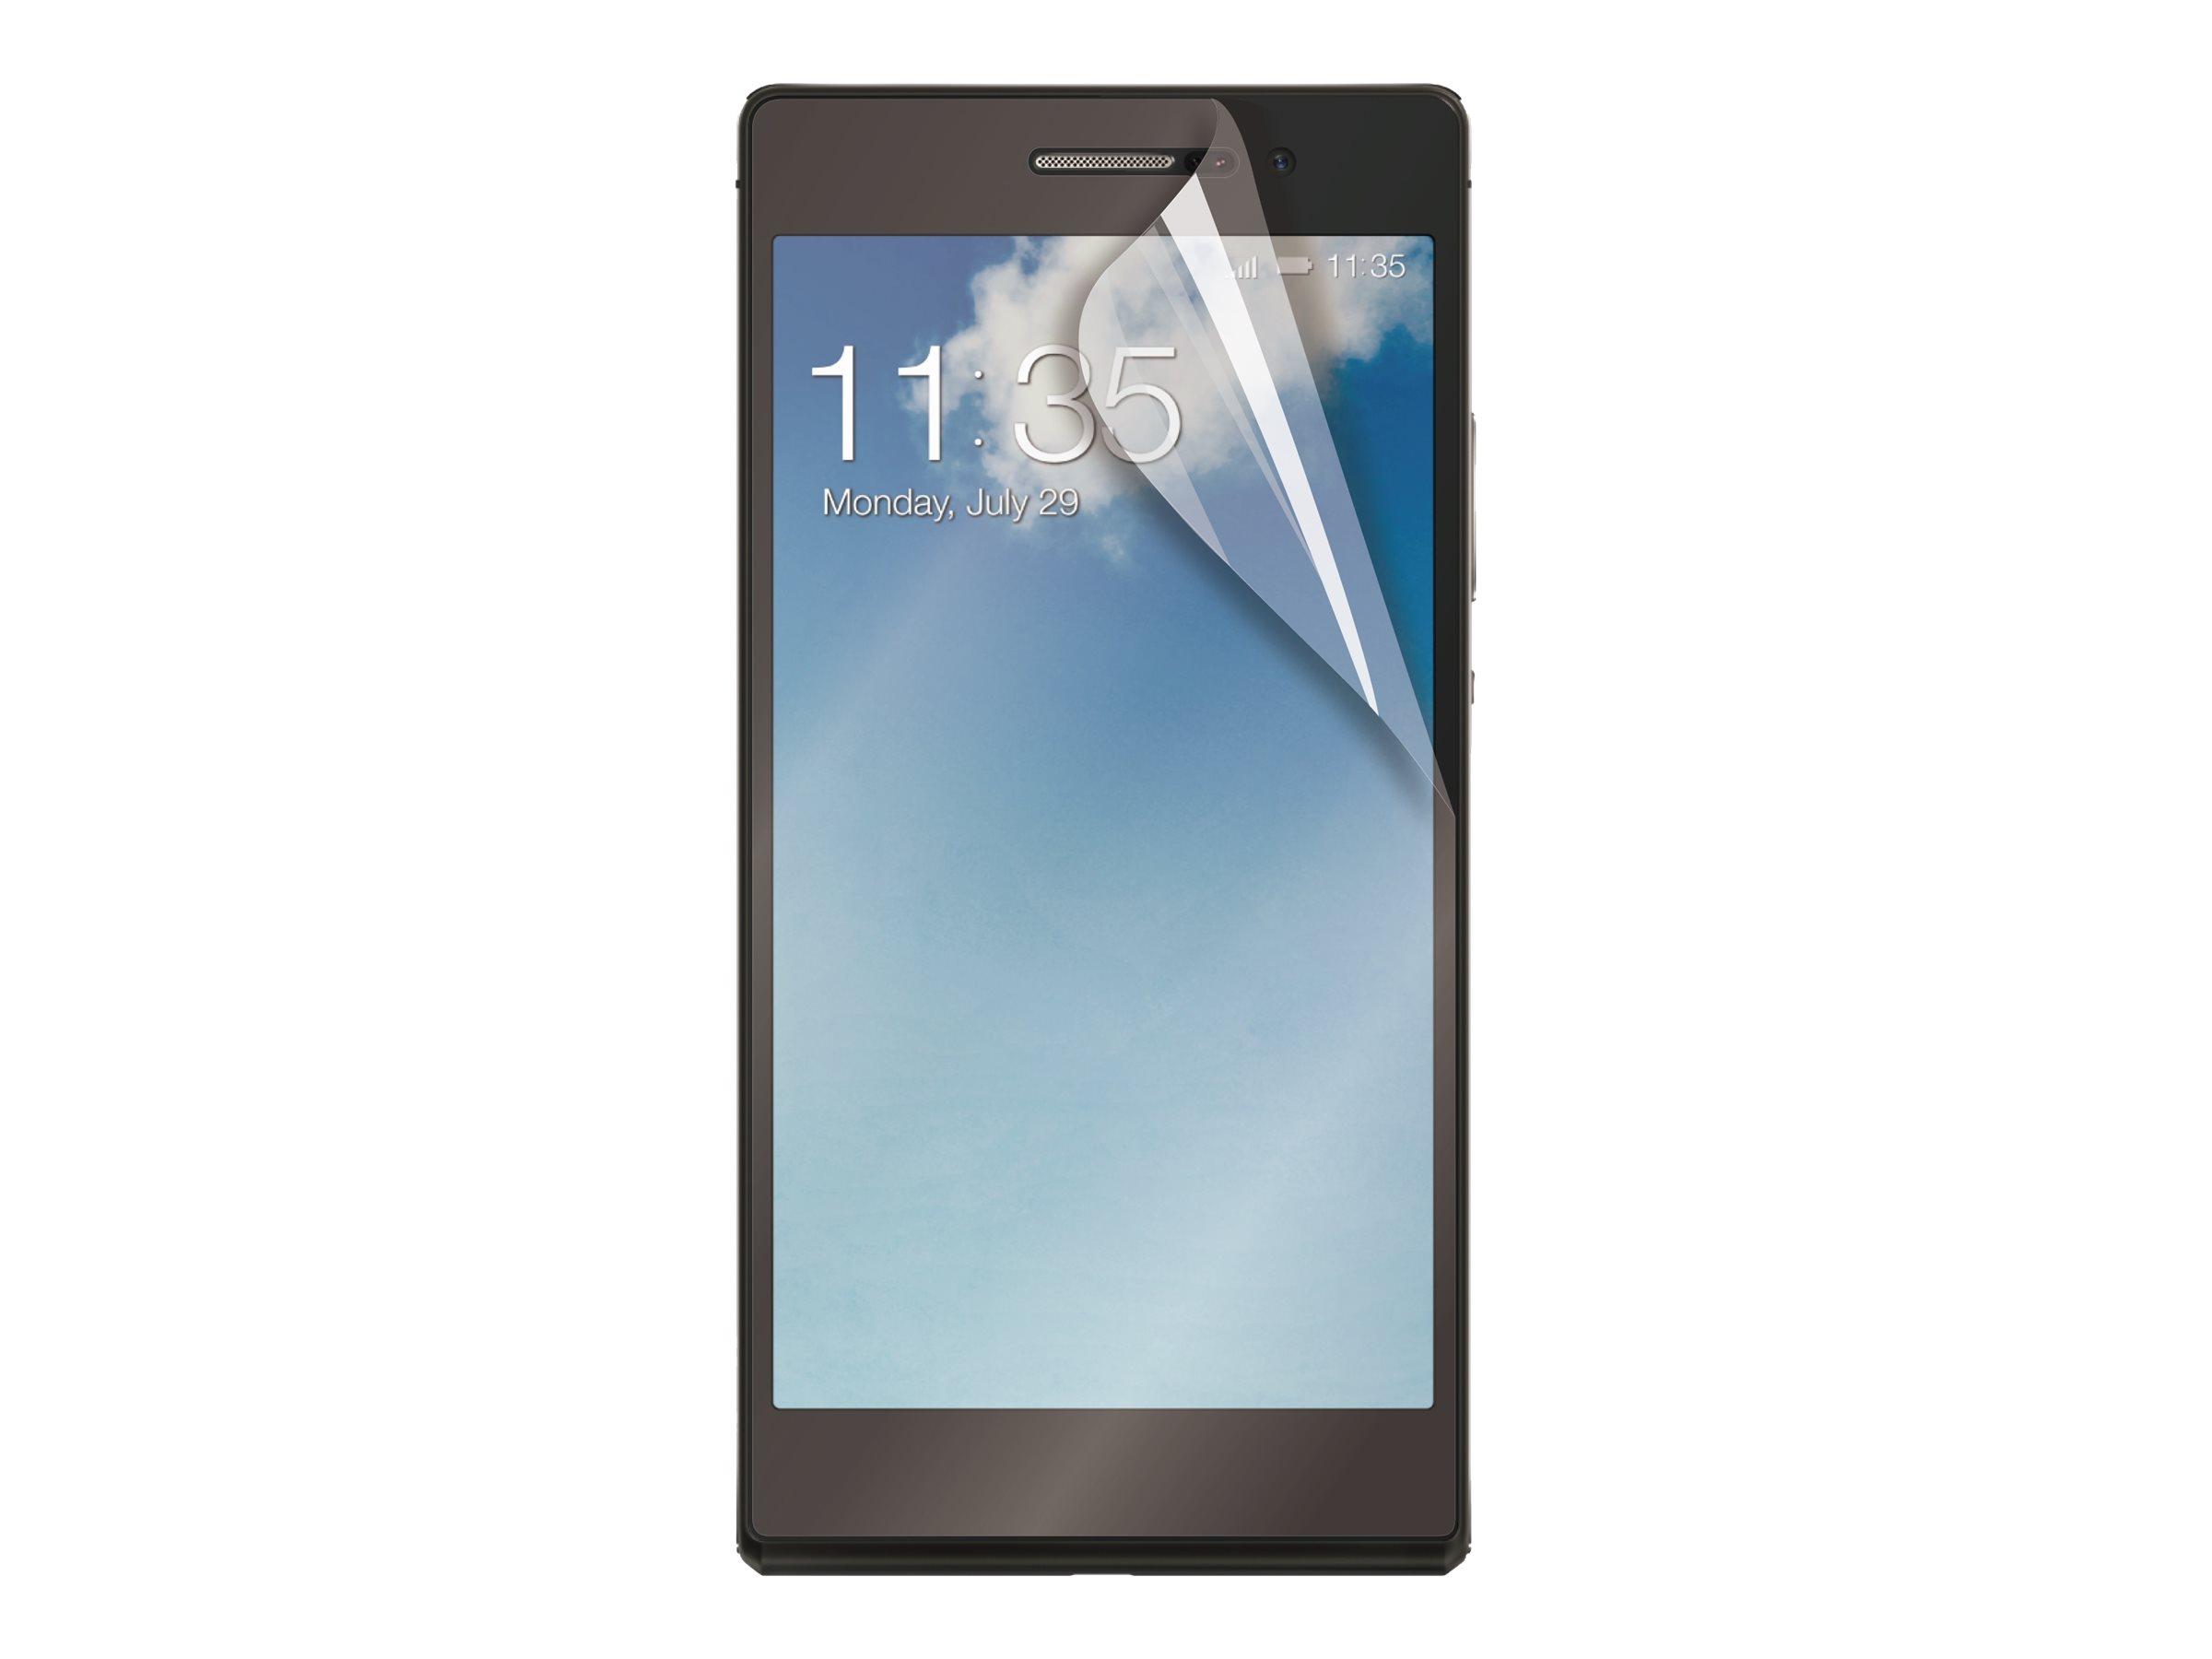 Muvit - 2 films deprotection pour écran - pour Huawei Ascend P8